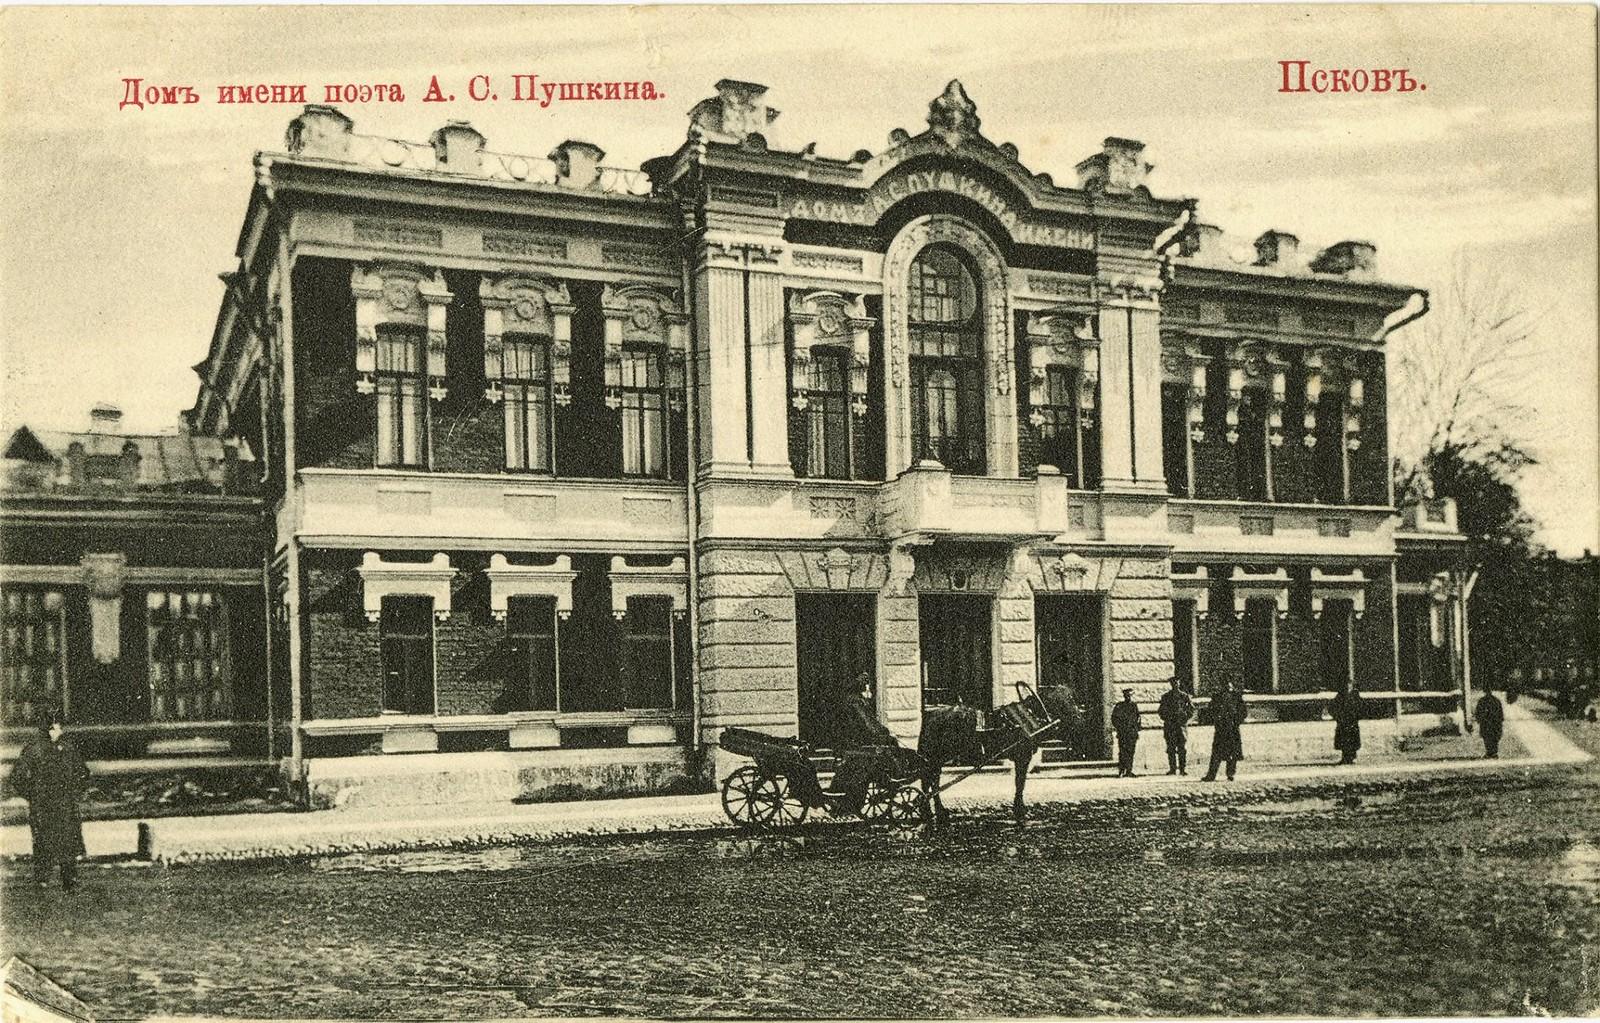 Дом имени поэта А.С.Пушкина